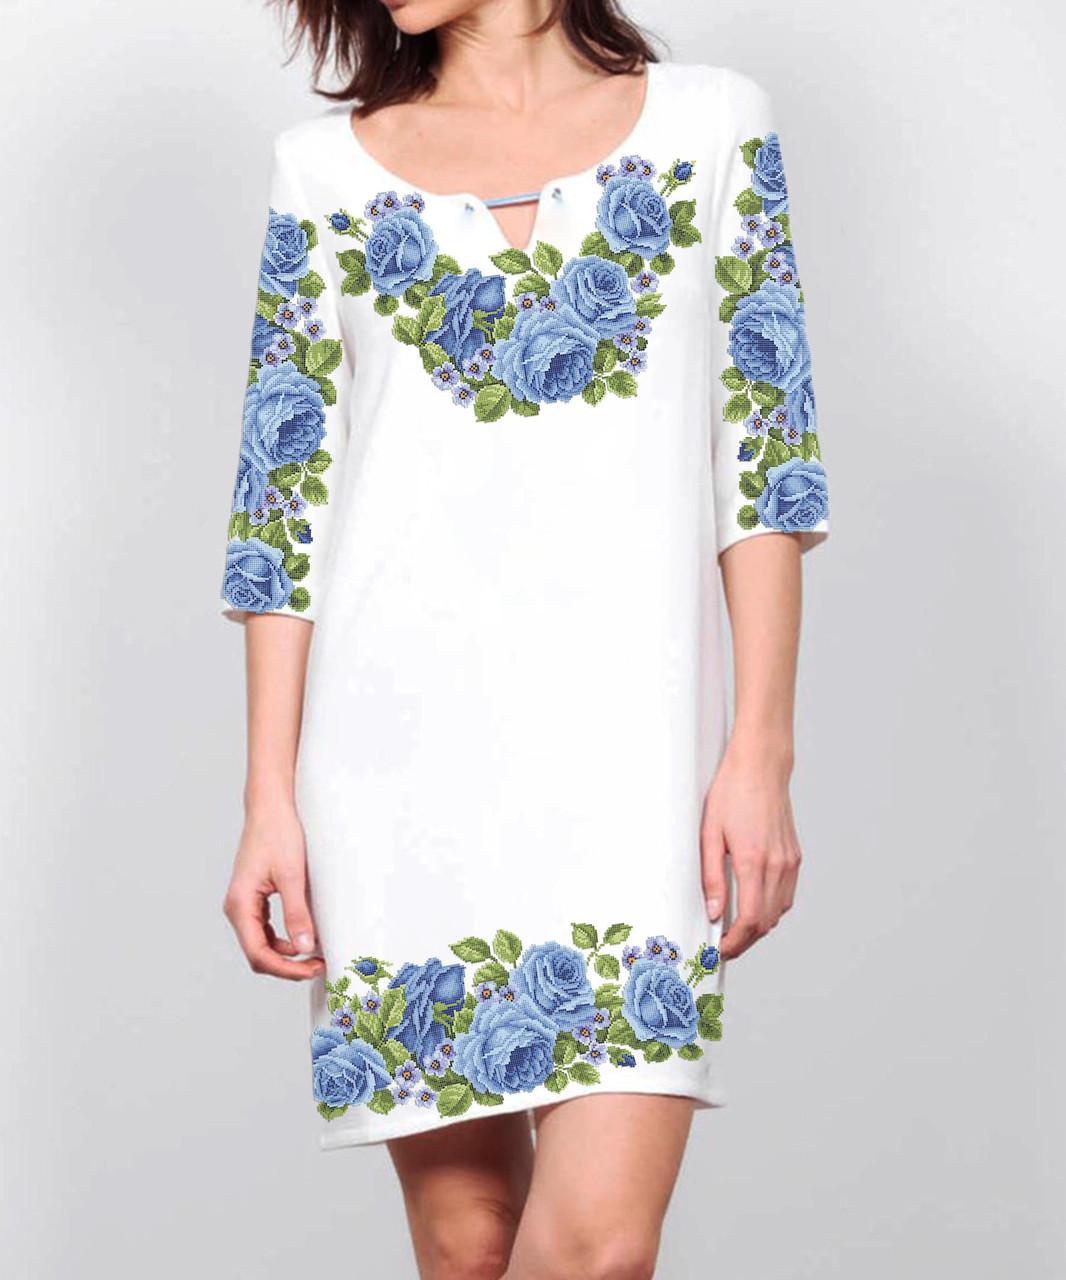 Заготовка жіночого плаття чи сукні для вишивки та вишивання бісером Бисерок  «Голубий квітковий розмай» (П-47-Г ГБ) Габардин